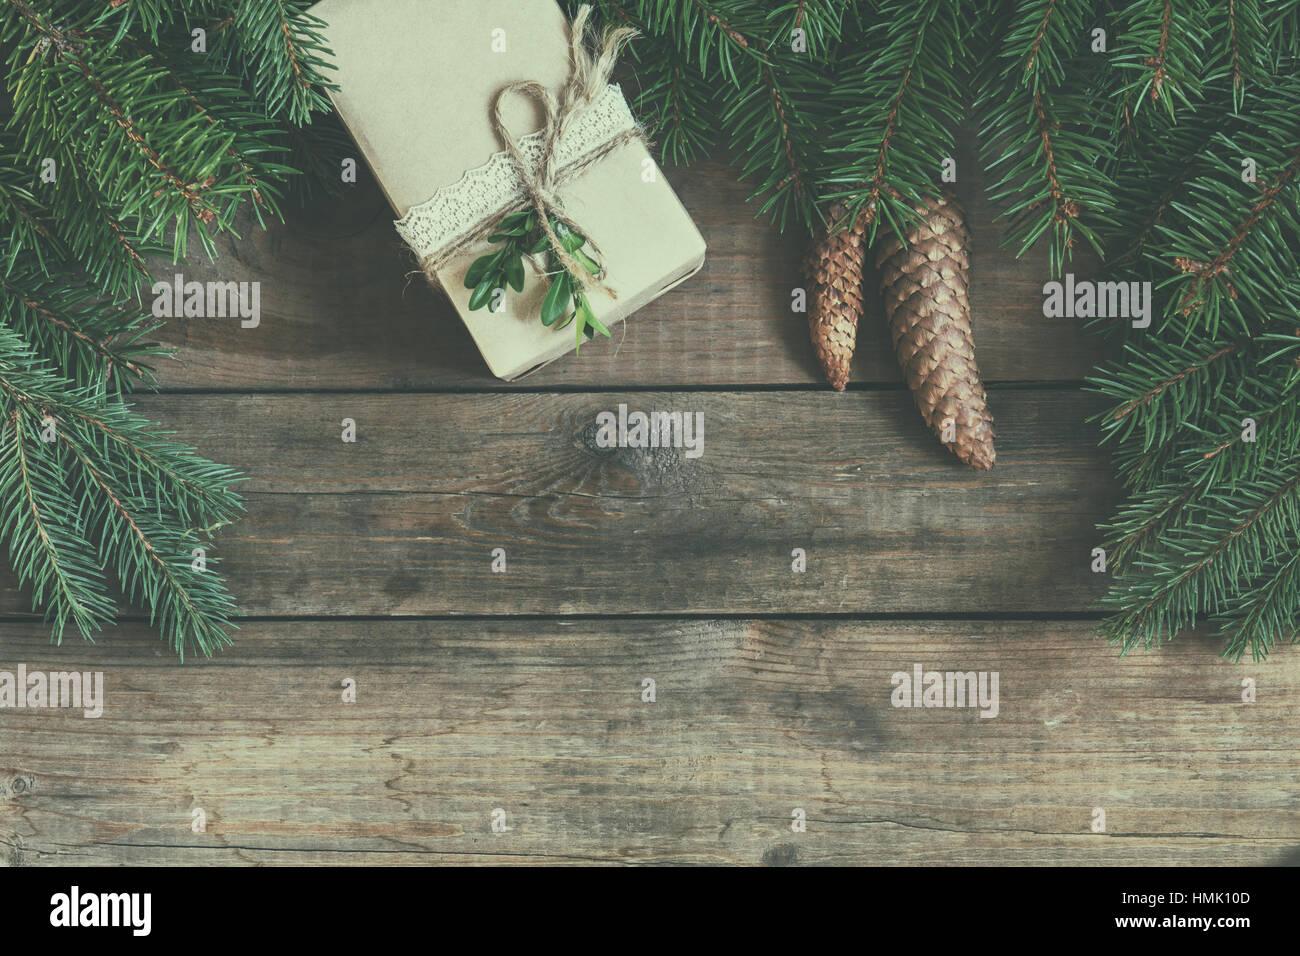 Beste Einfache Weihnachtsbaum Färbung Seite Galerie - Druckbare ...